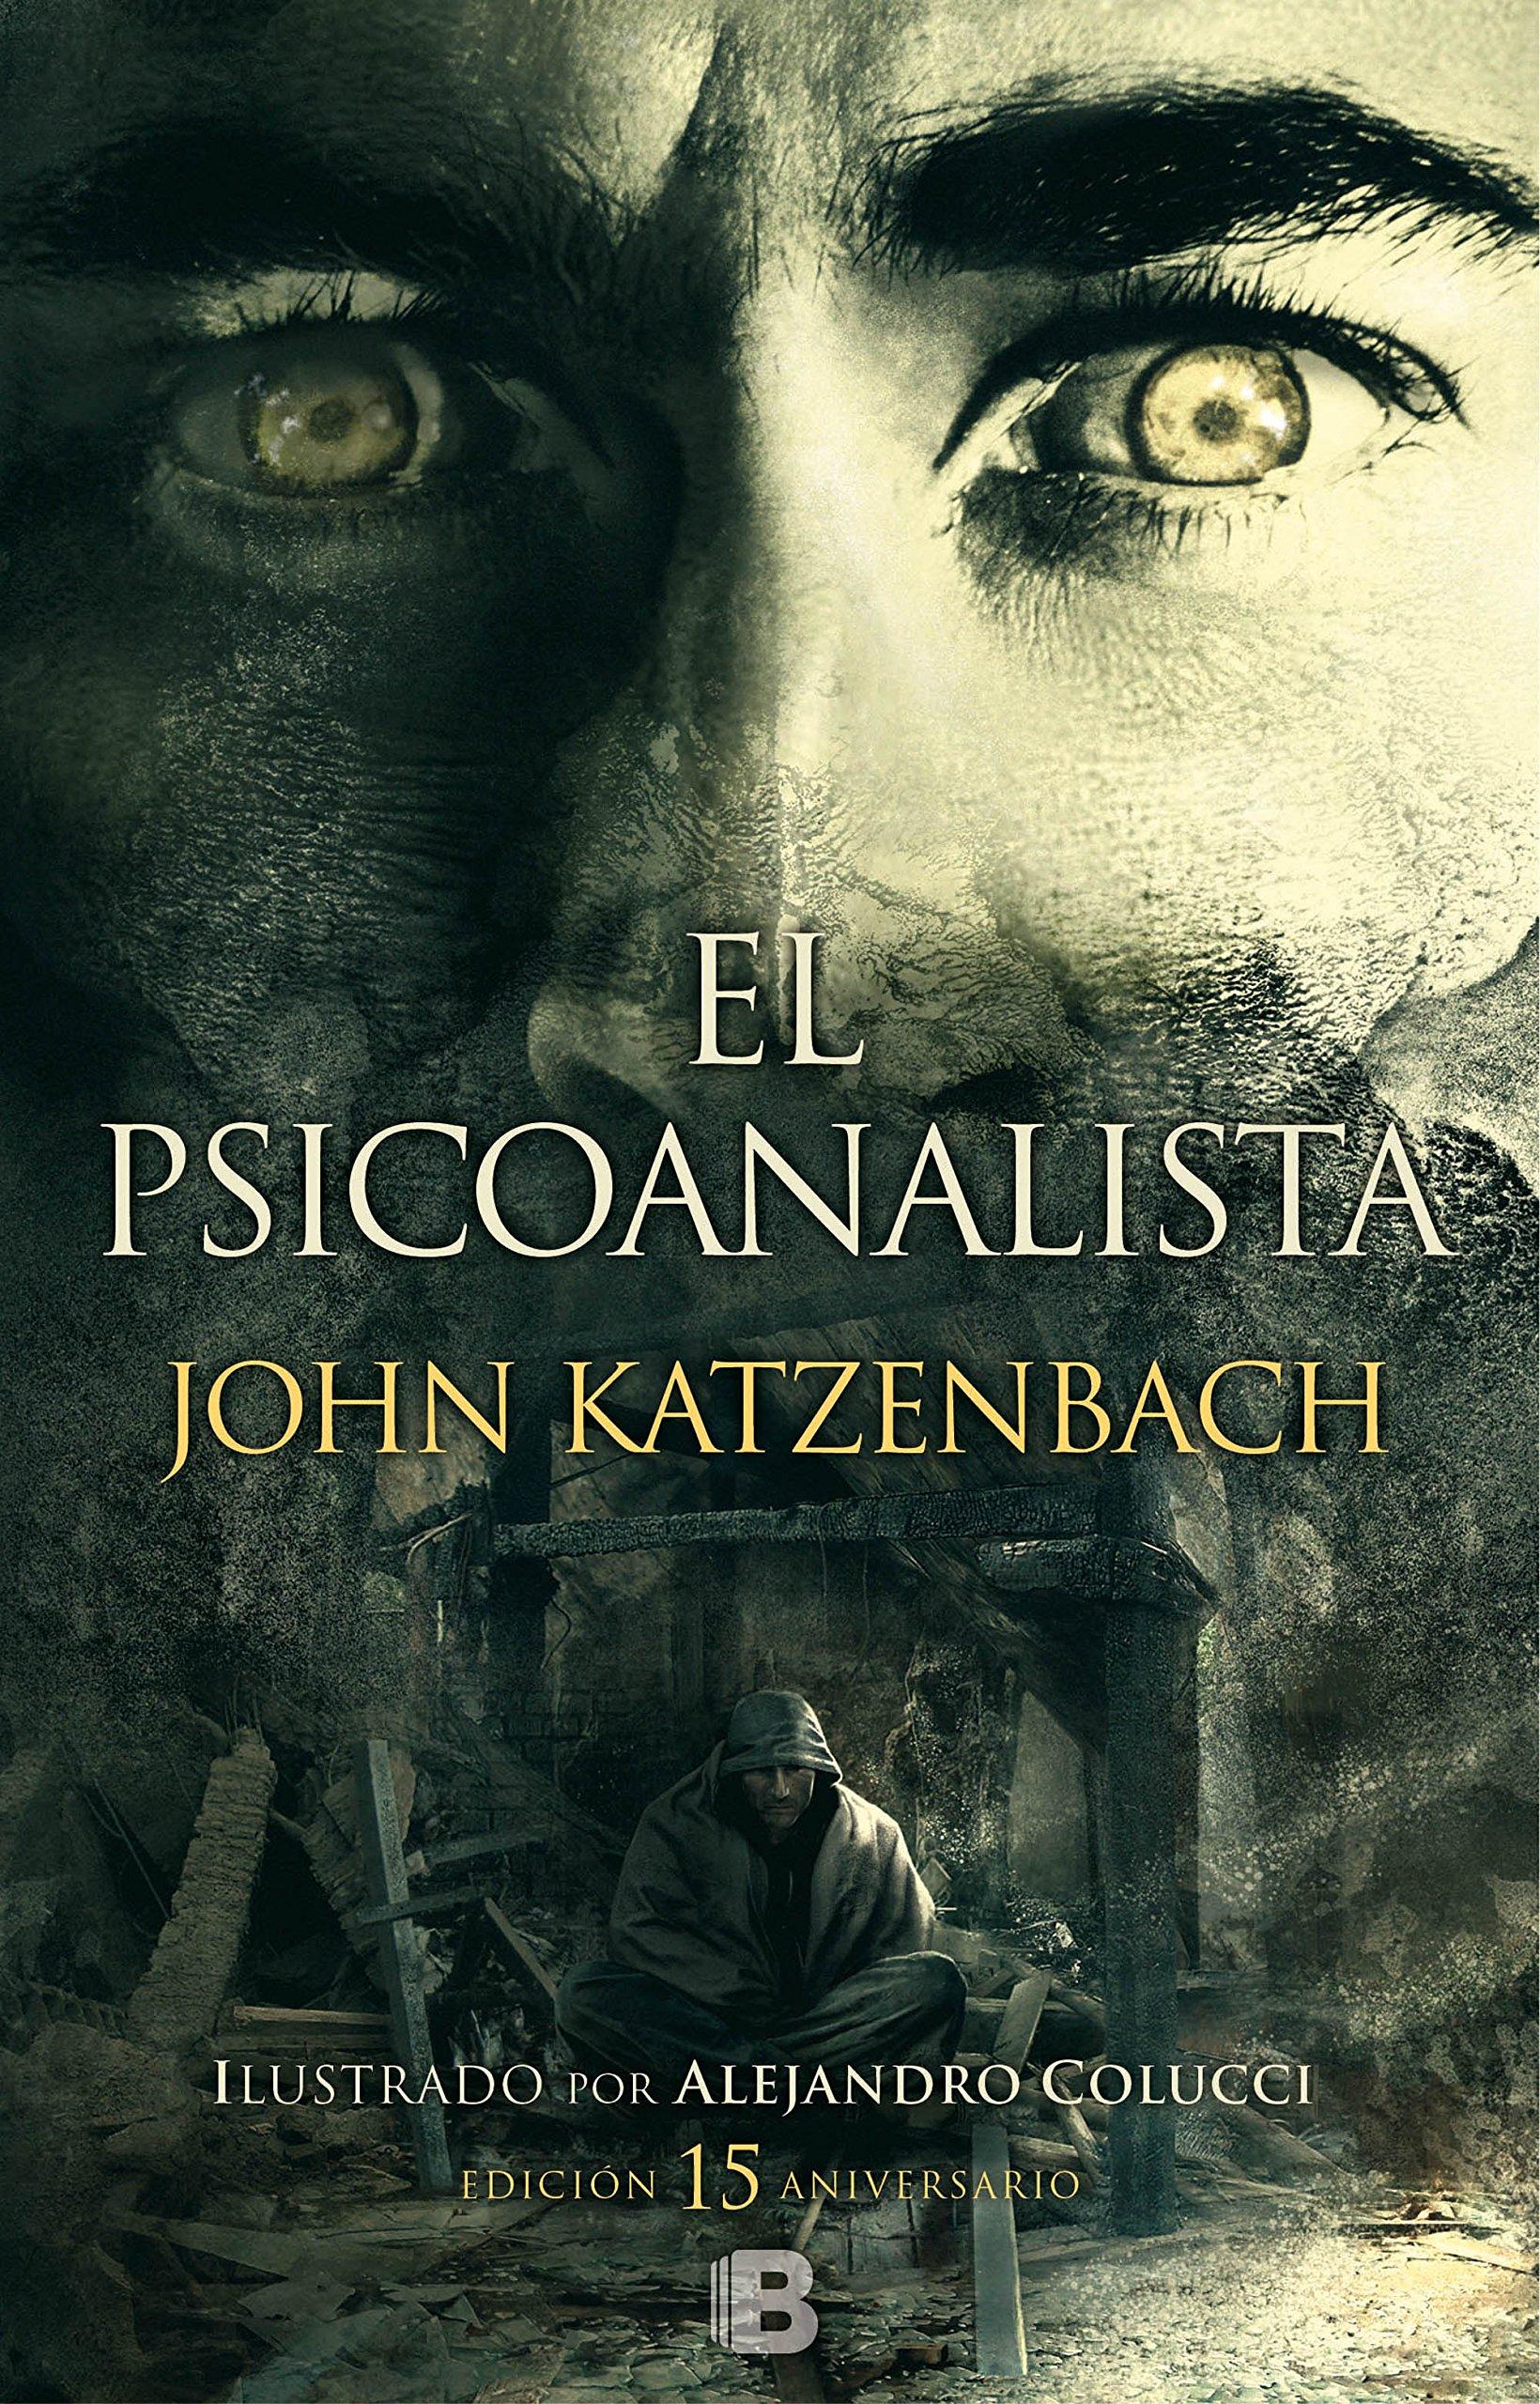 El psicoanalista (Edición ilustrada): John Katzenbach: Amazon.com.mx: Libros